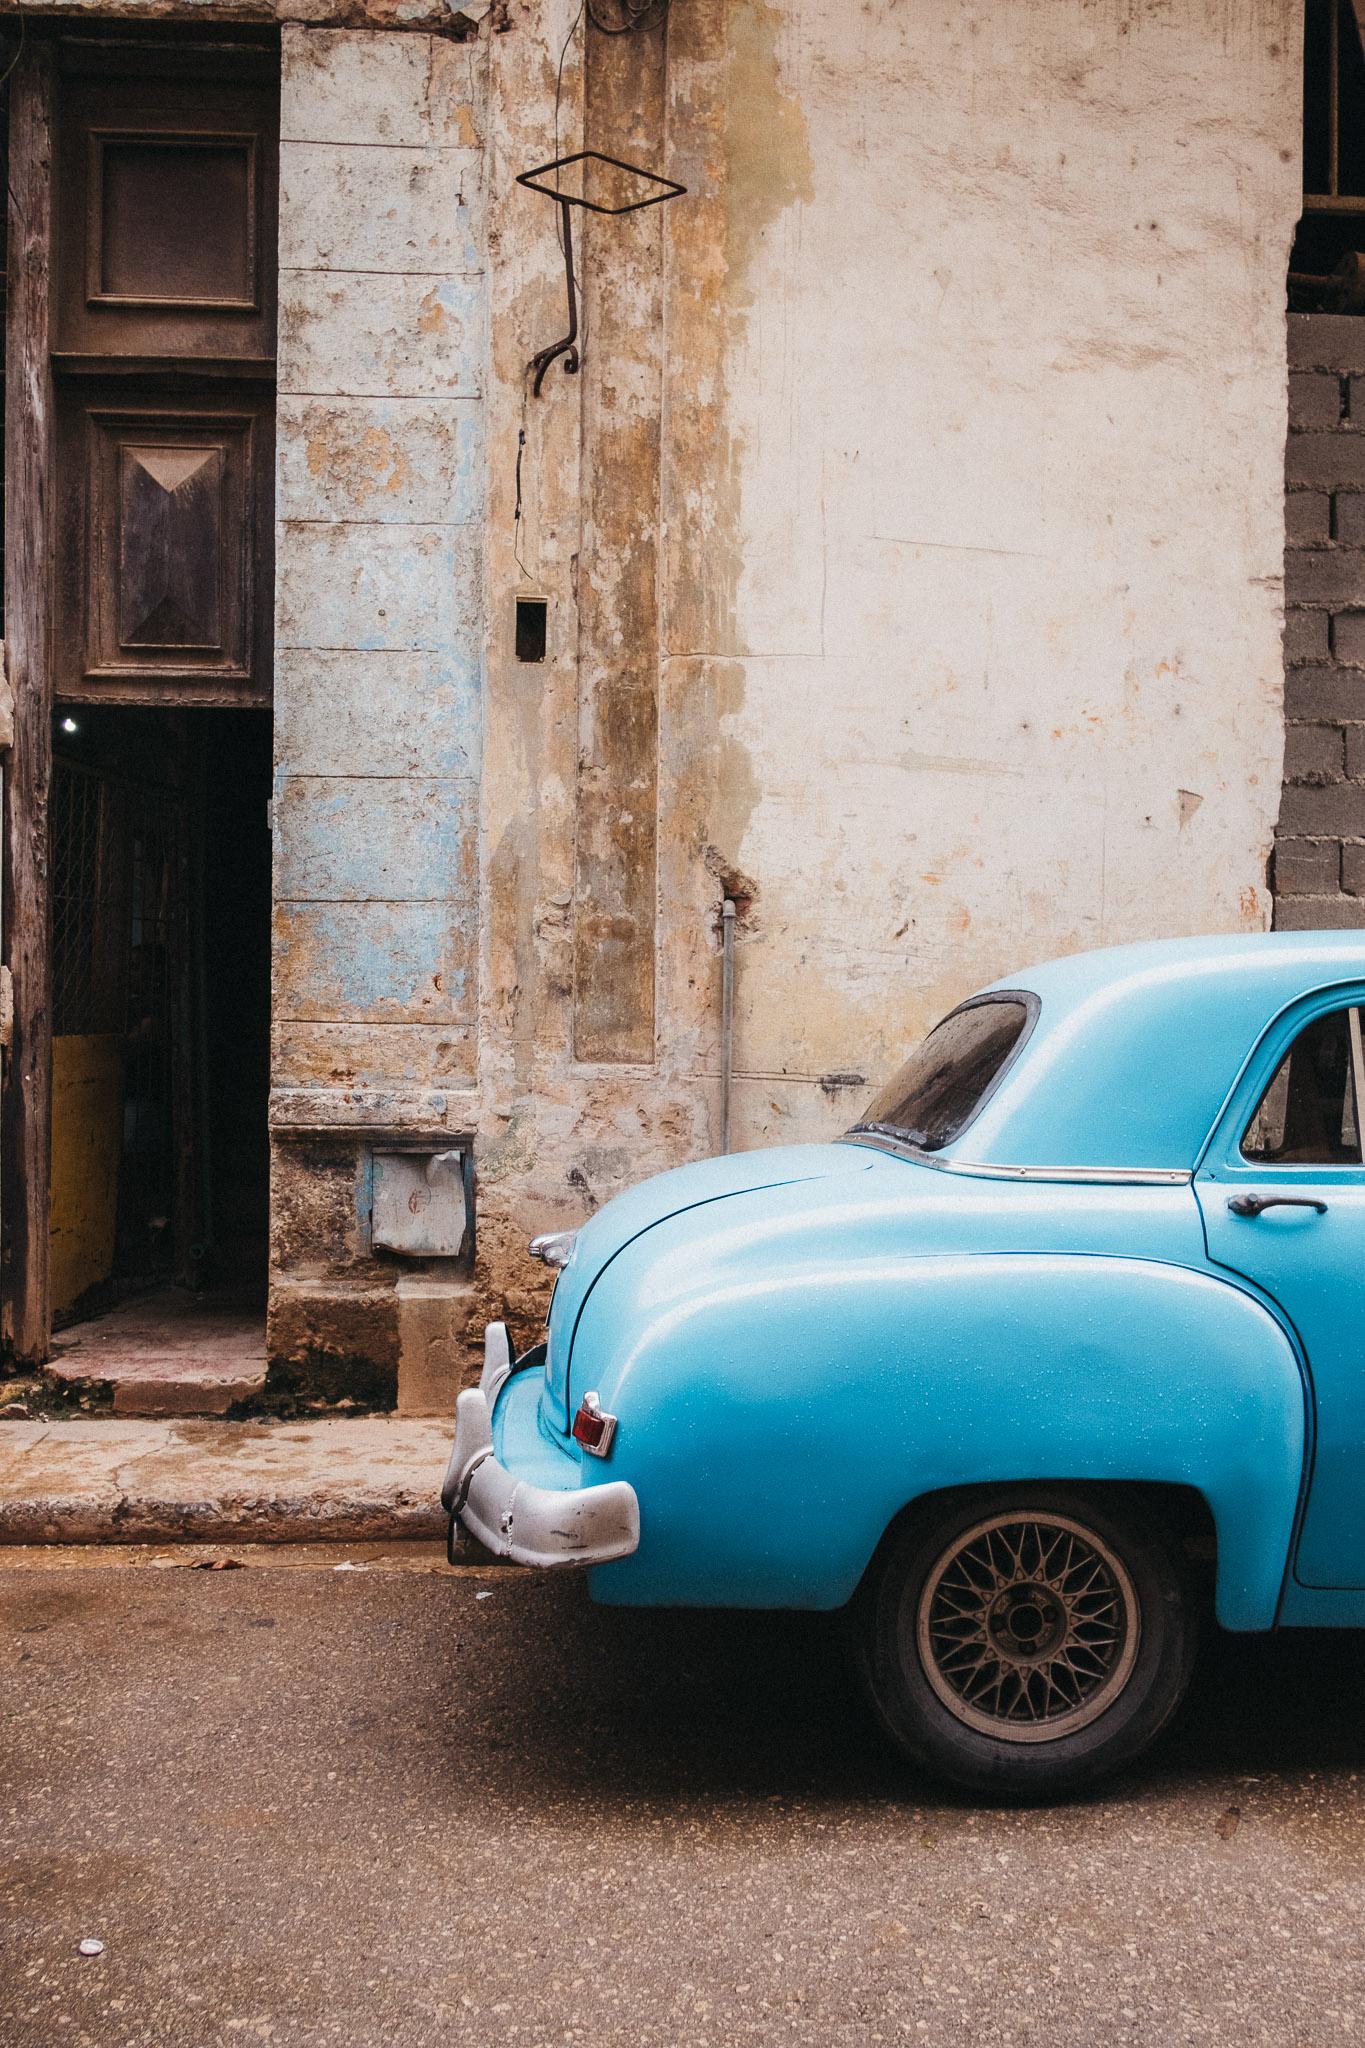 Cuba-2017-12-Havana-0126.jpg